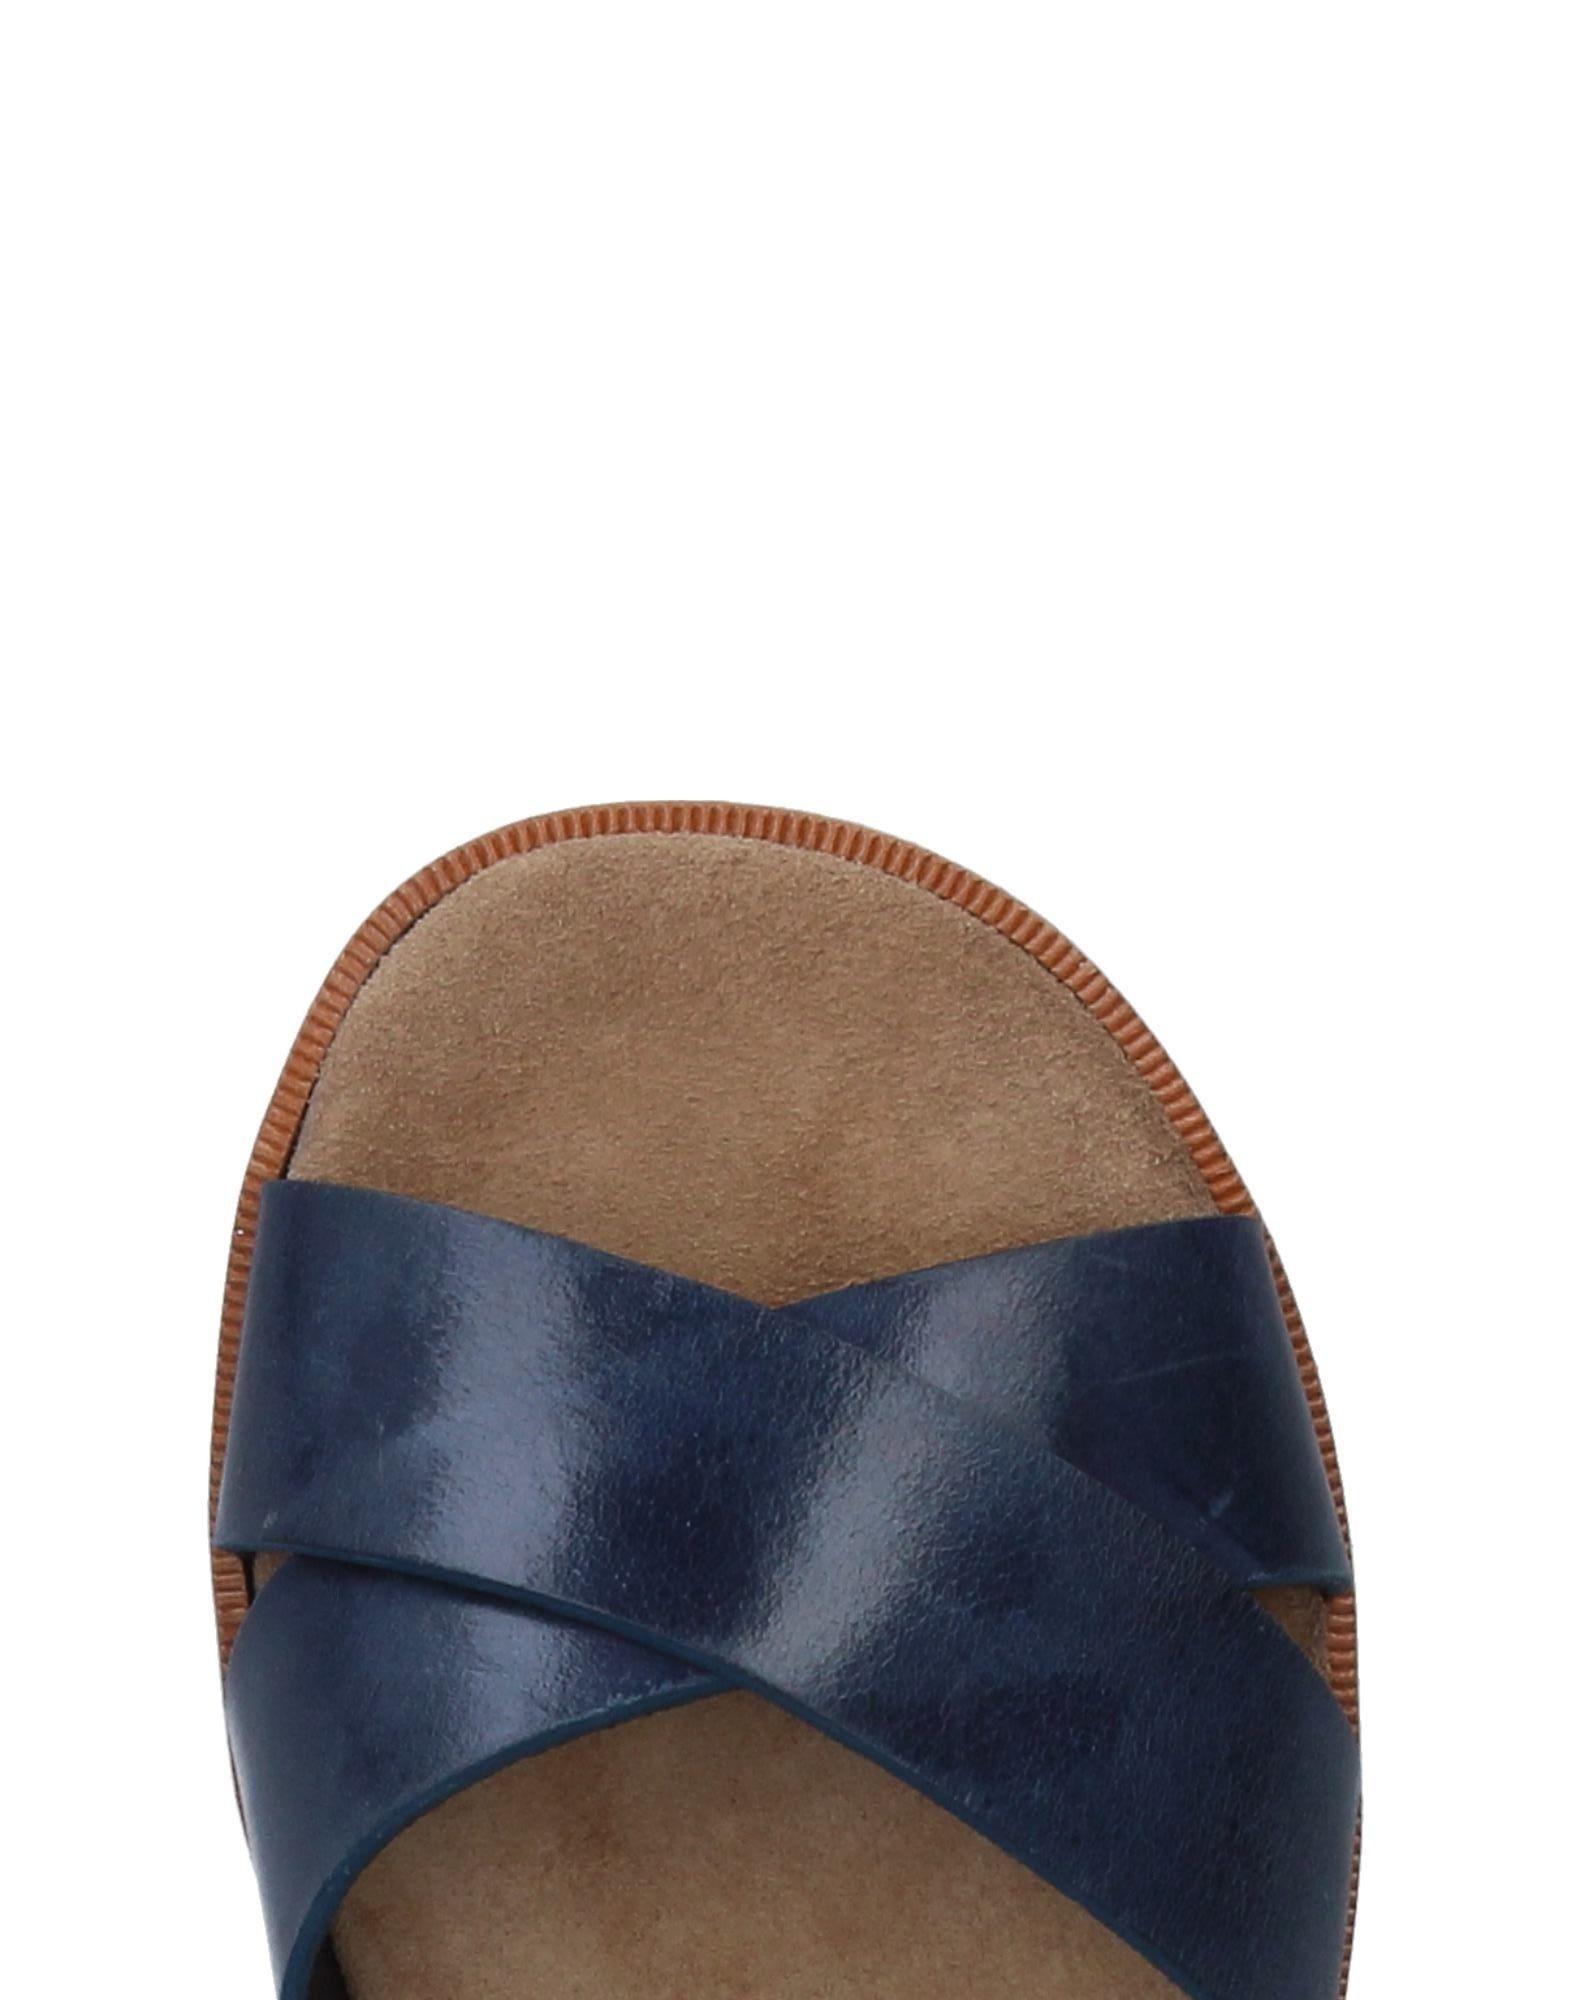 Chaussures - Sandales Bf Conçues Par Beatriz Furest nx9S0dsyk